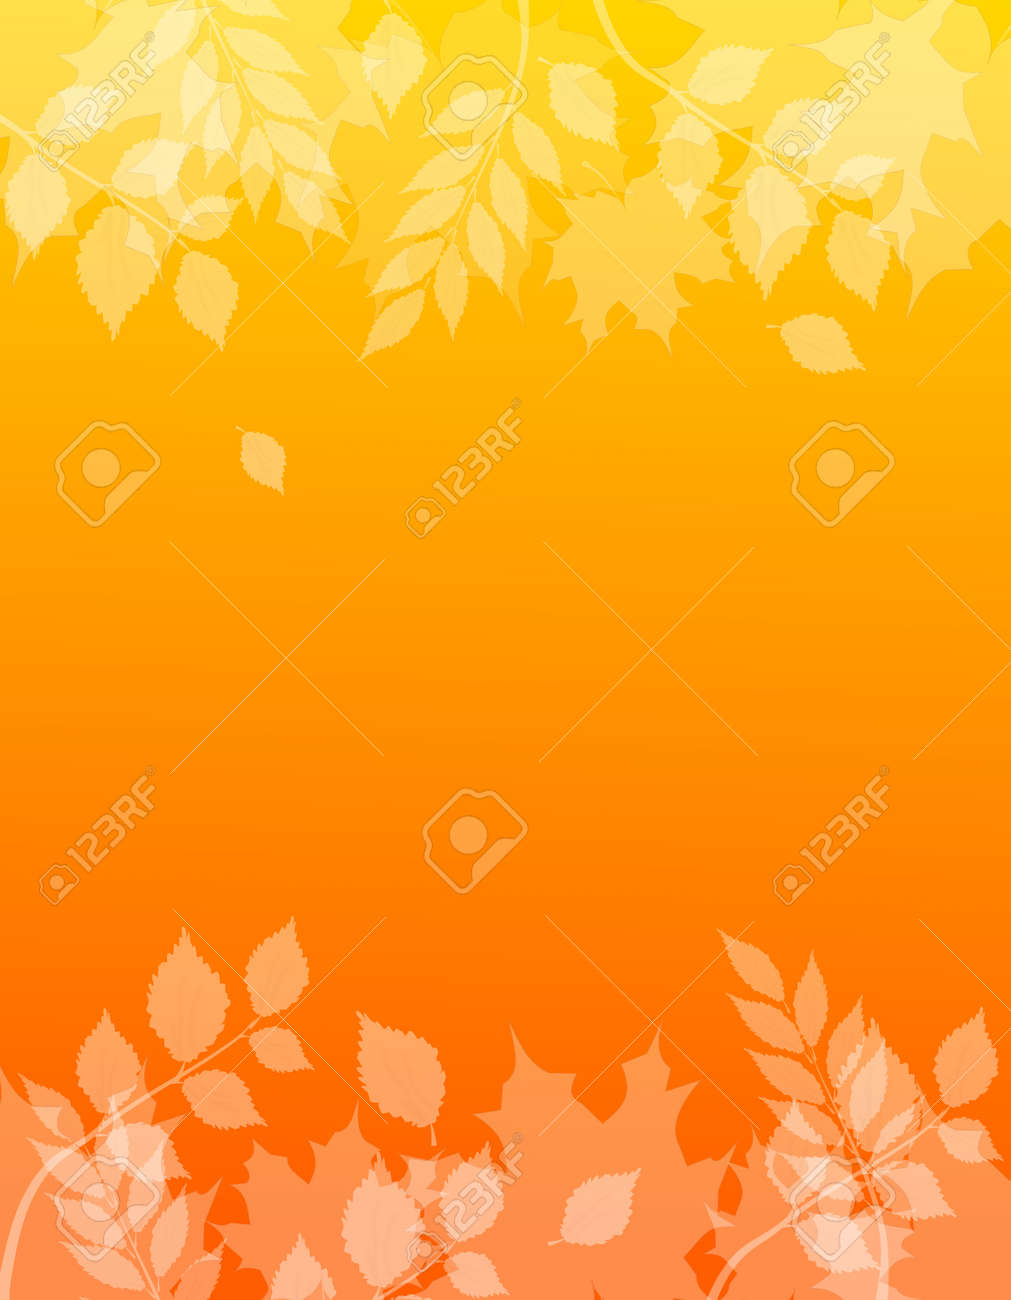 秋の紅葉背景のイラスト の写真素材画像素材 Image 85239435